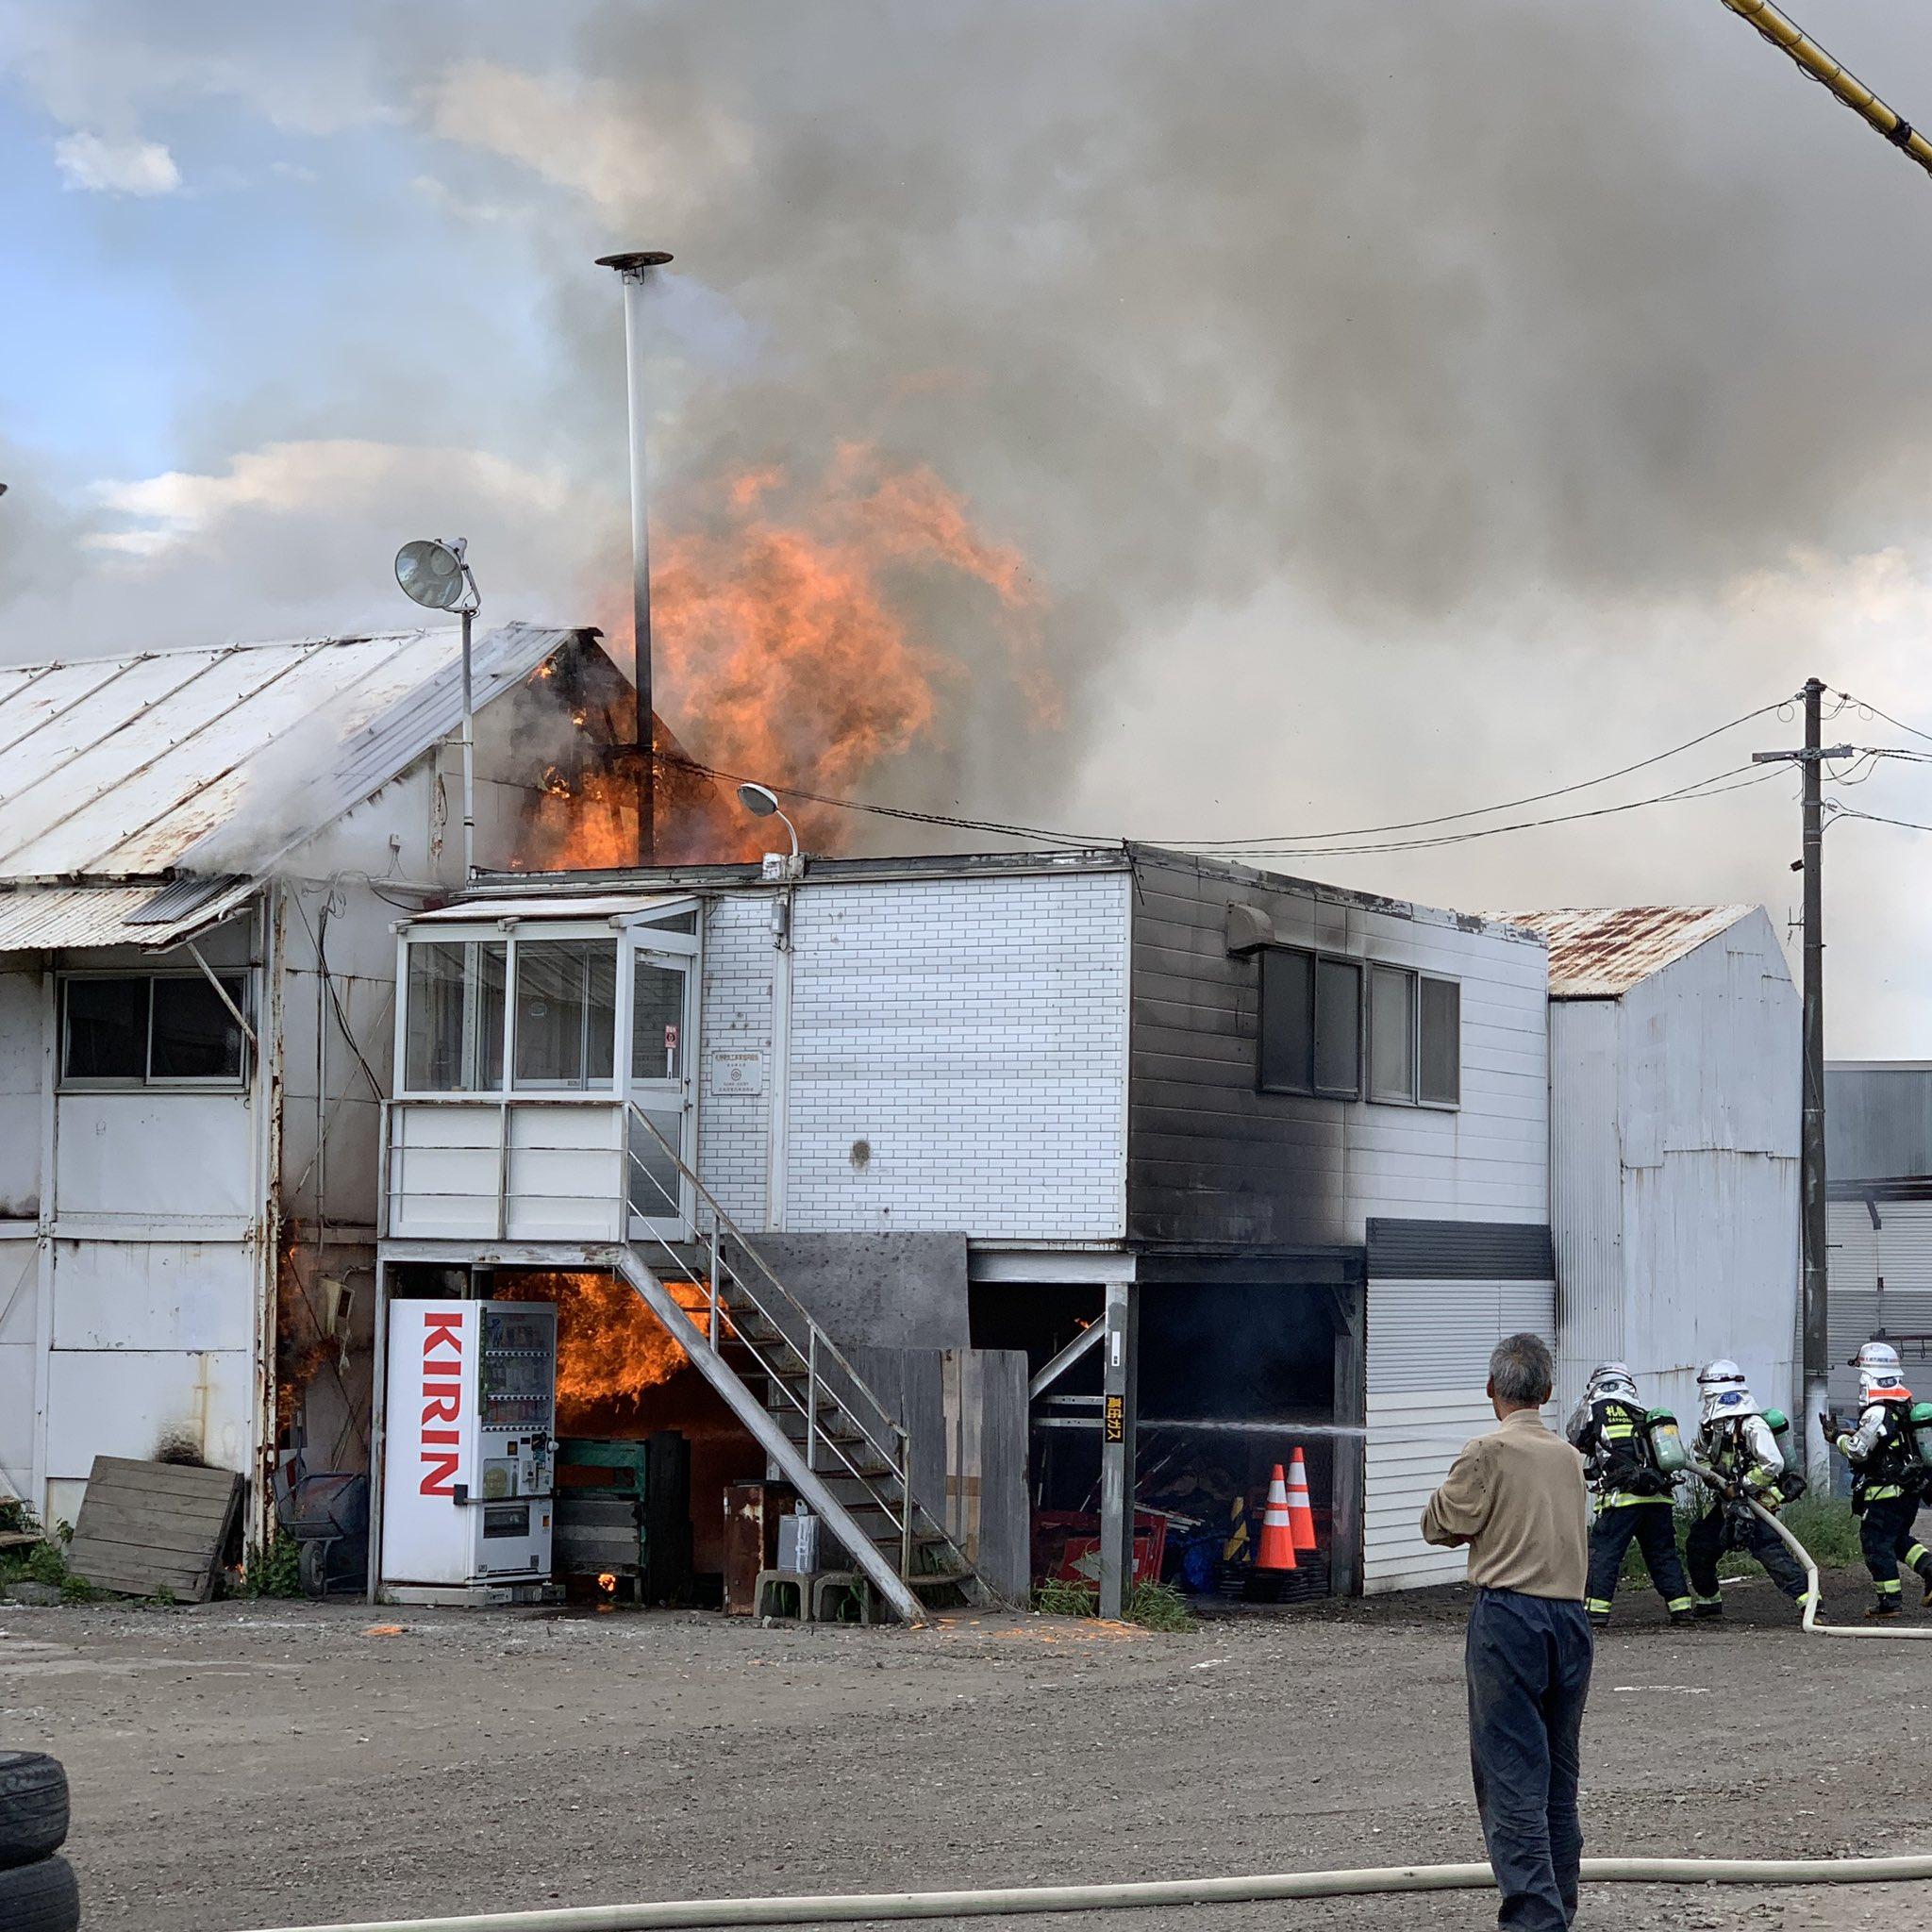 札幌市白石区東米里で火事が起きている現場画像